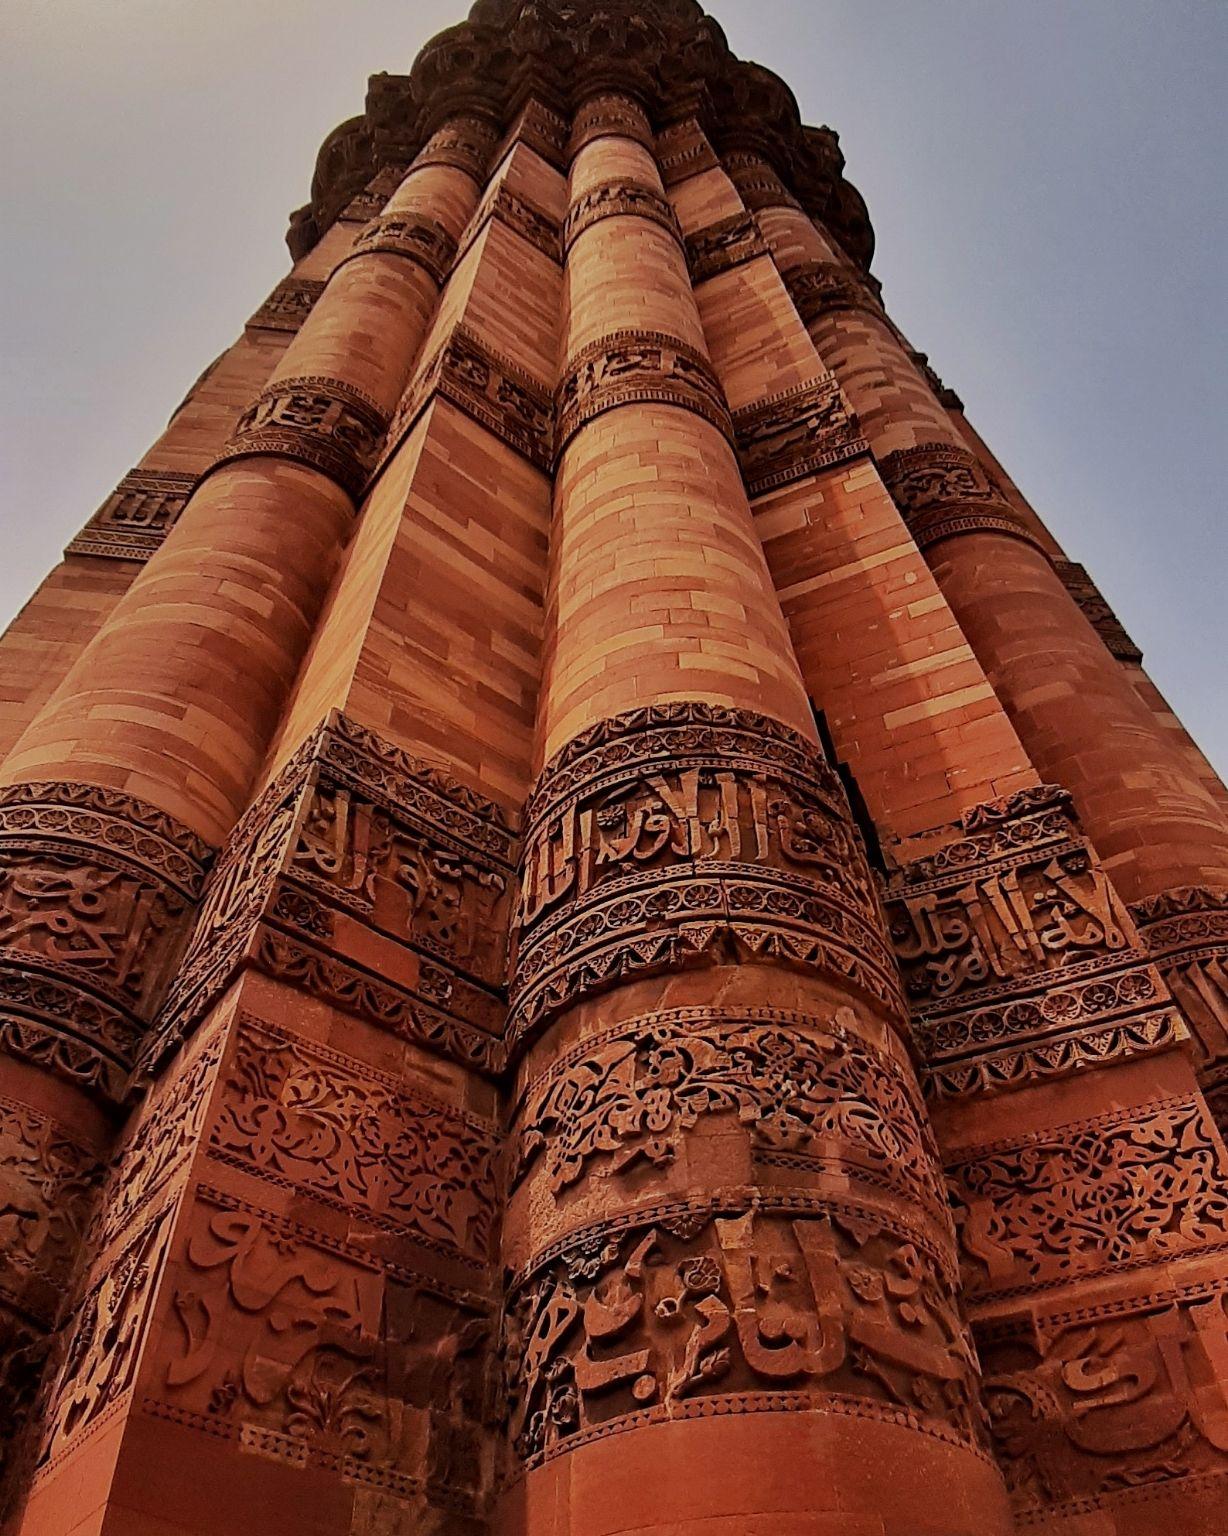 Photo of Qutub Minar By Sai Shilkar